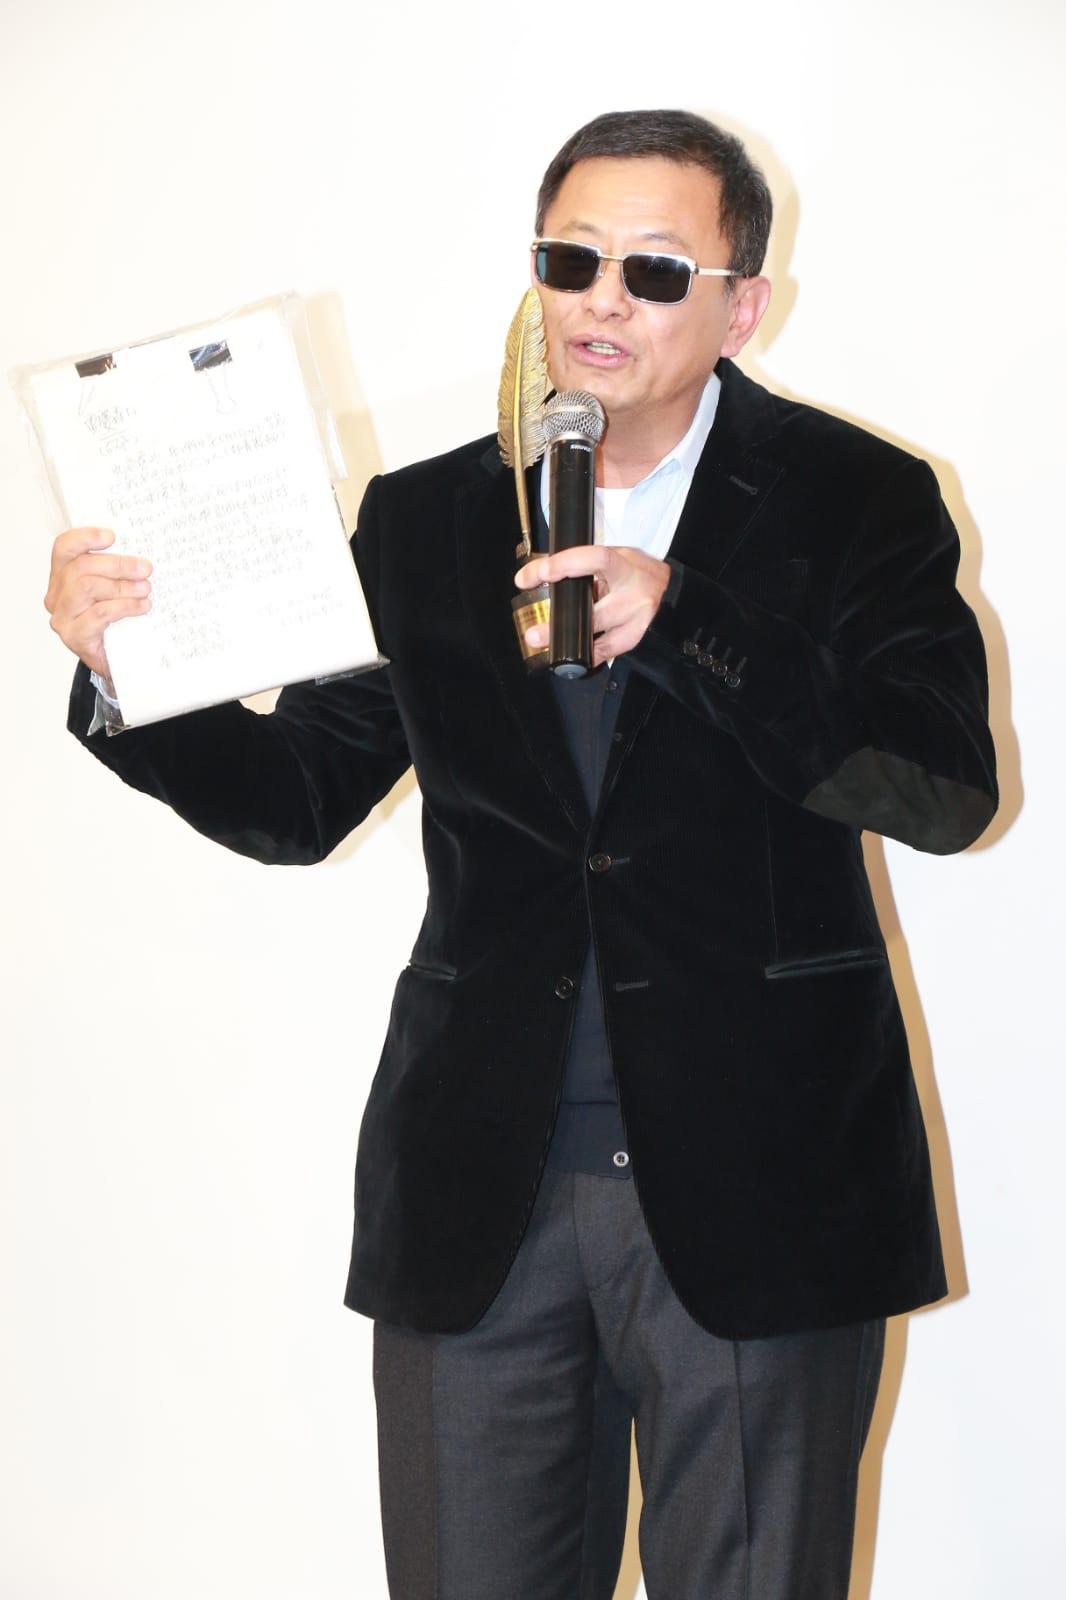 對於外傳拍戲無劇本,王家衛今晚帶了《重慶森林》的劇本以作證明。